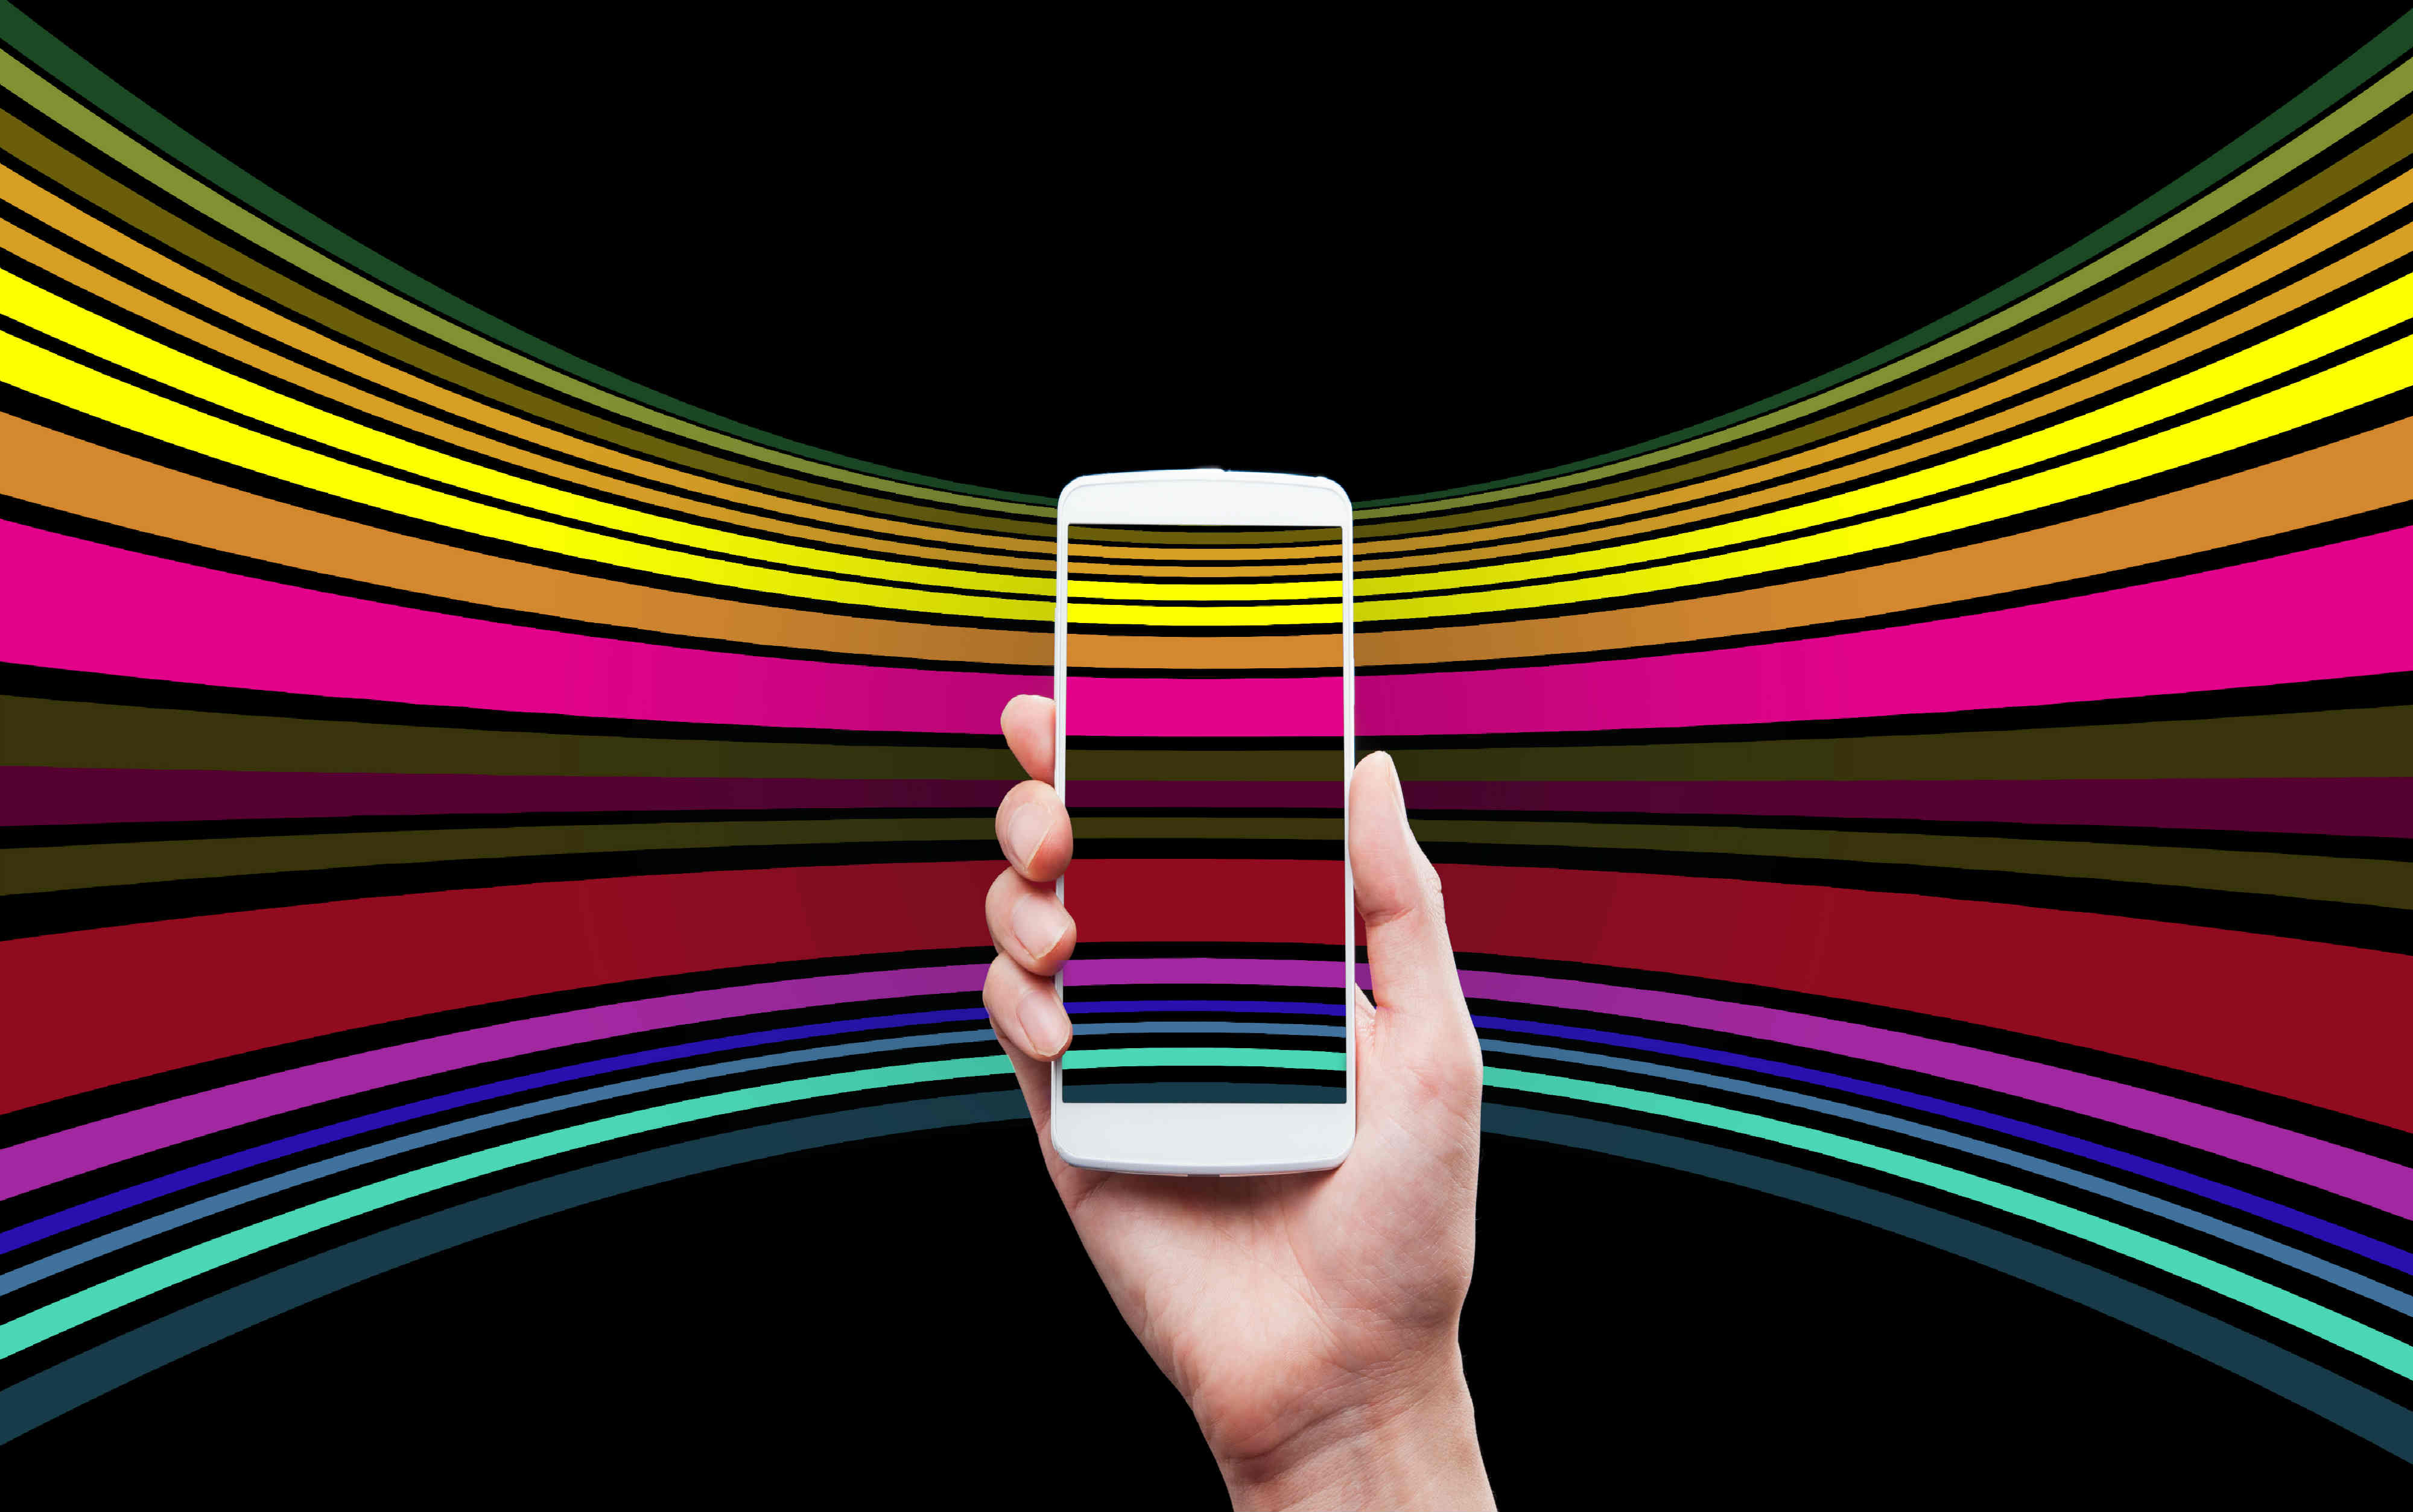 楽天モバイルなら携帯(ガラケー)からスマホへの乗り換えがお得!